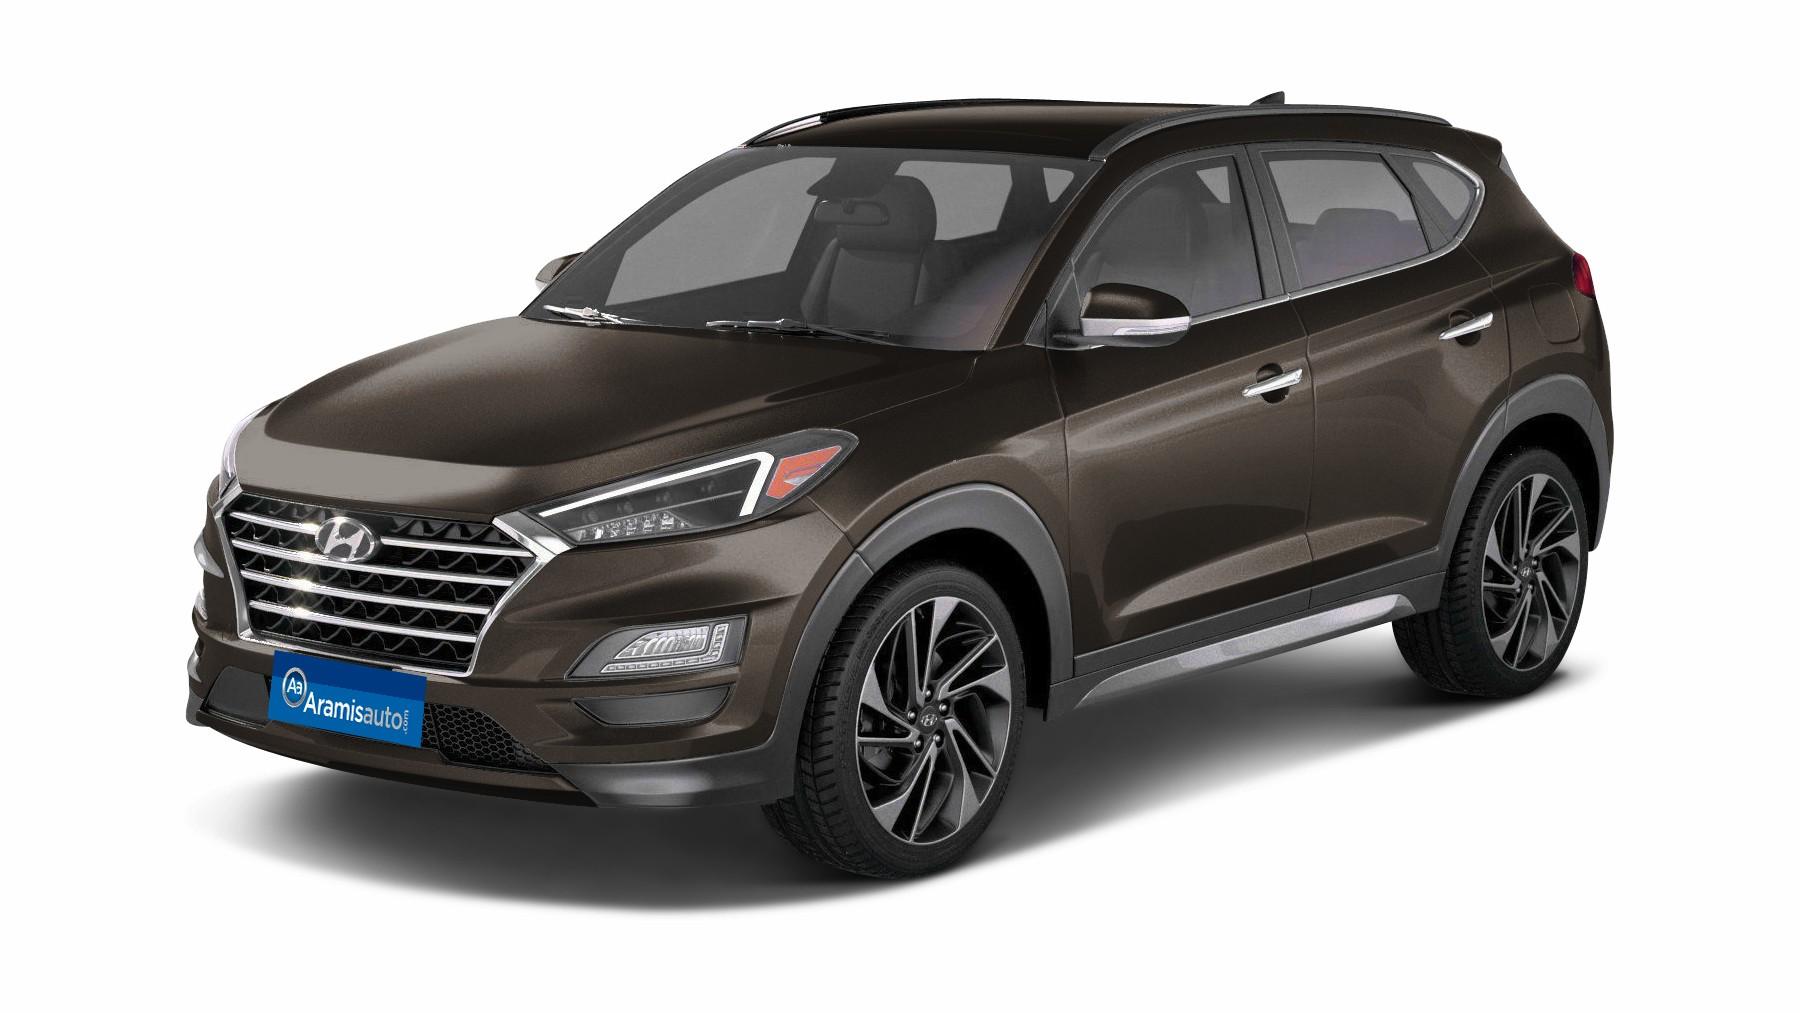 Acheter Hyundai Tucson Nouveau Intuitive + GPS Intuitive + GPS chez un mandataire auto